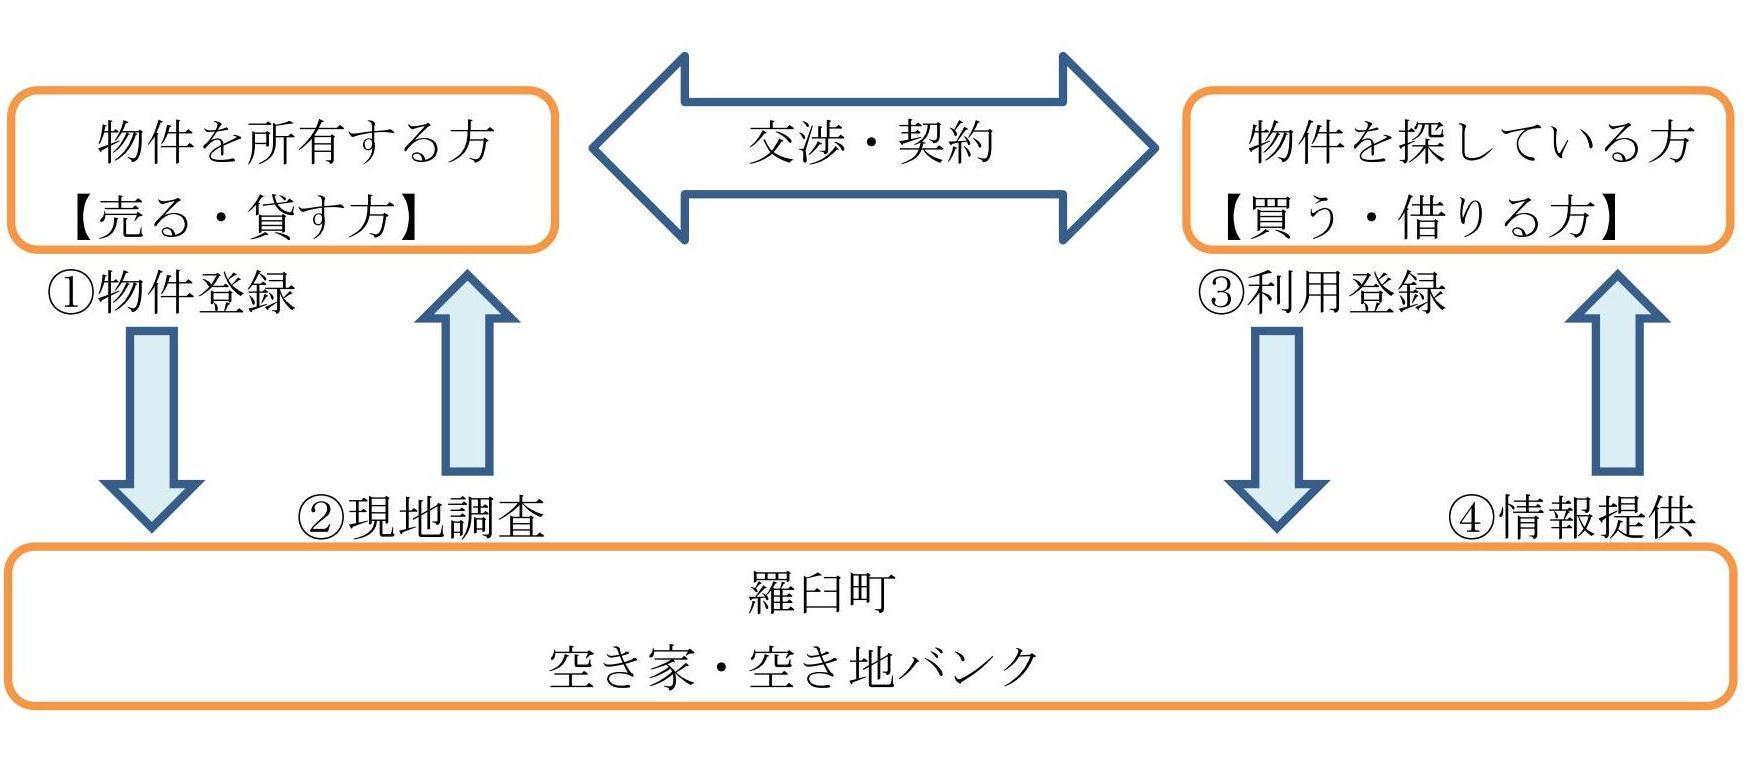 1空き家・空き地バンク制度の実施について 画像2.jpg